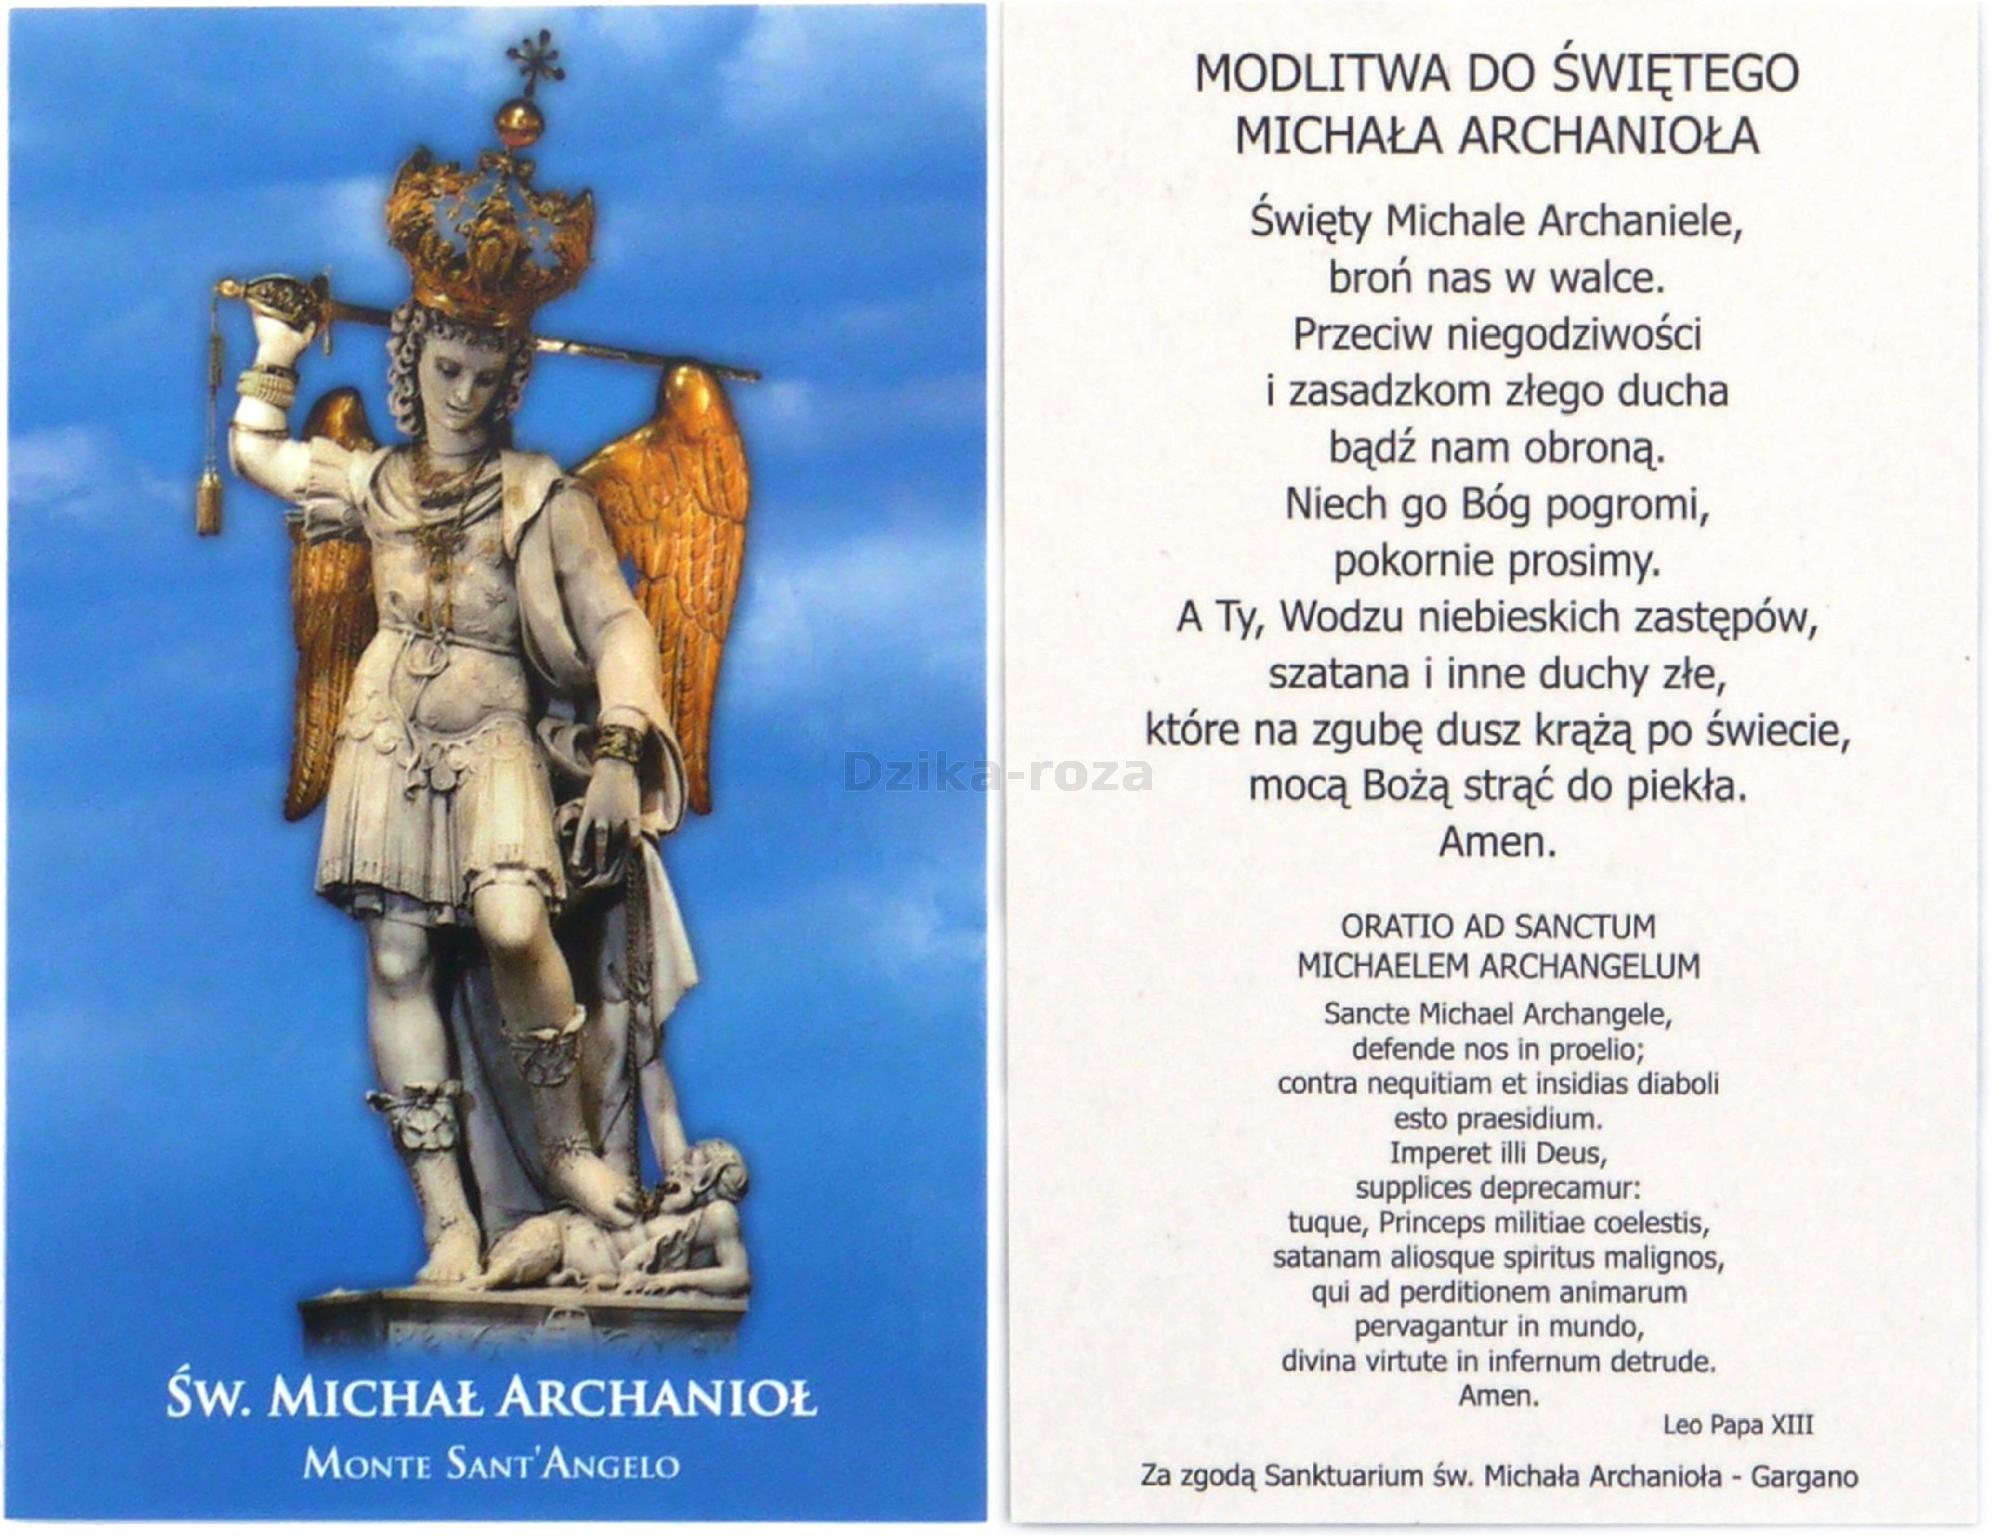 Zachęta do modlitwy za wstawiennictwem świętego Michała Archanioła